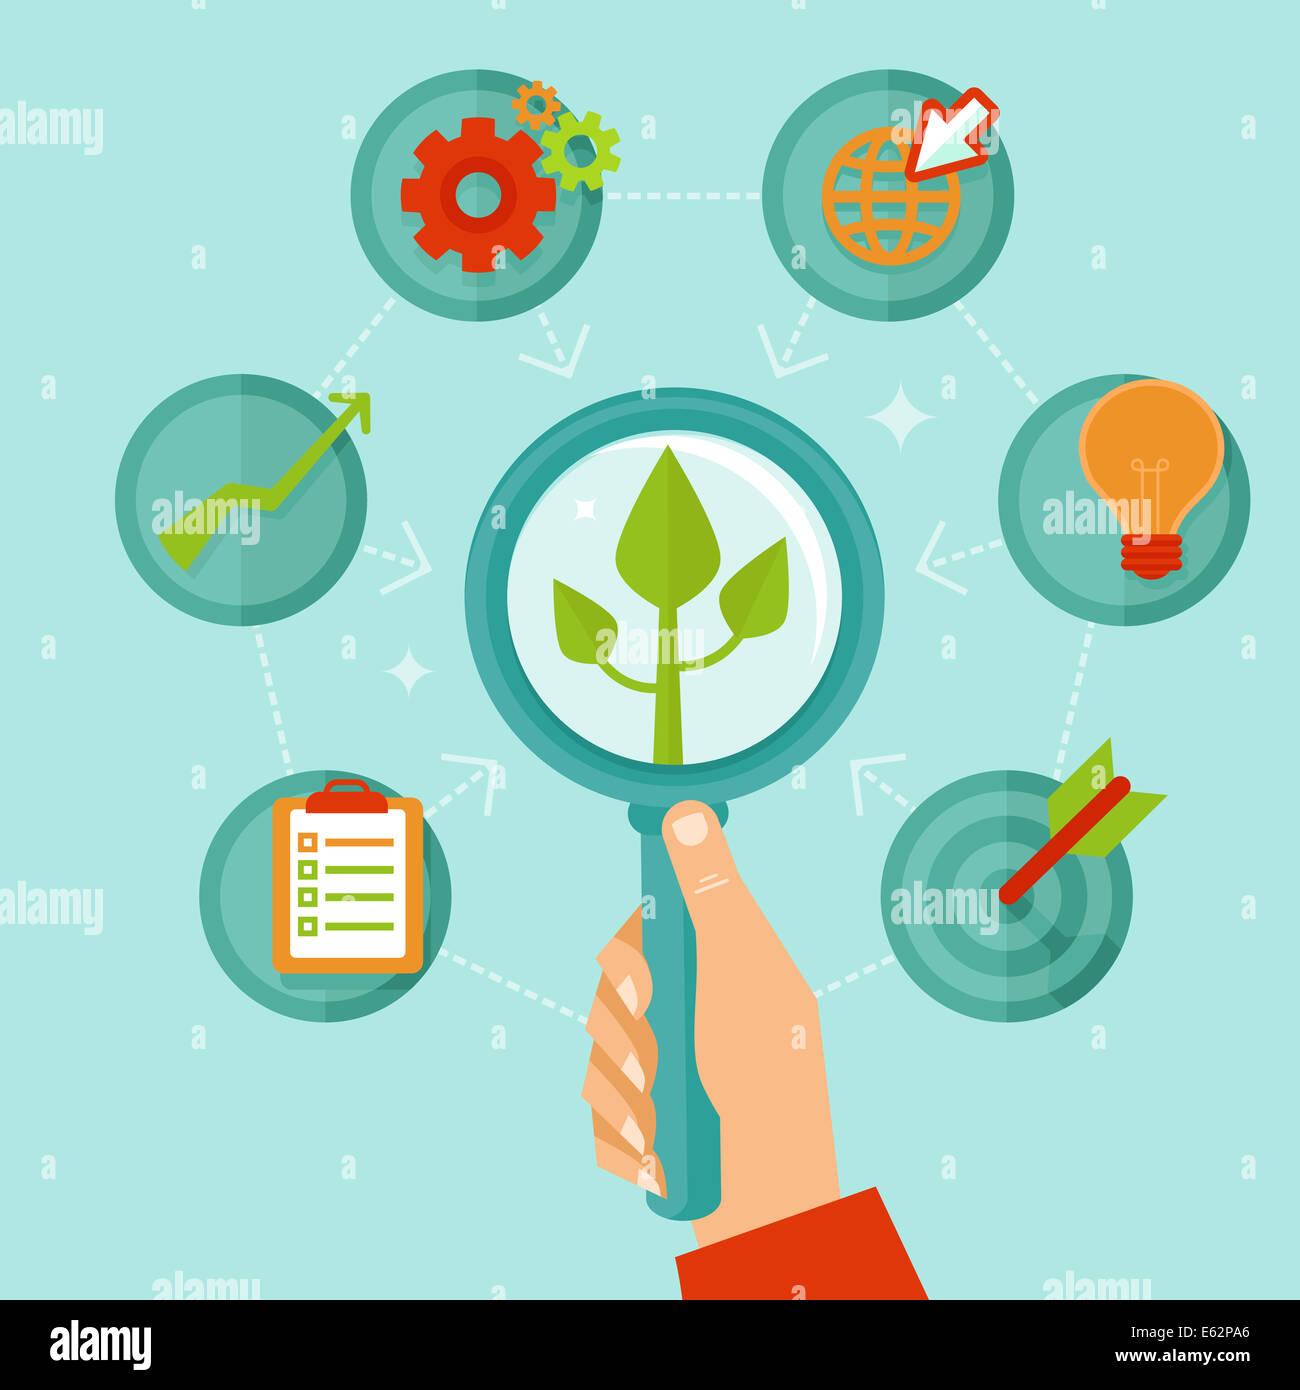 Persönliche Entwicklungskonzept im flachen Stil - Infografik-Design-Elemente und Symbole Stockbild